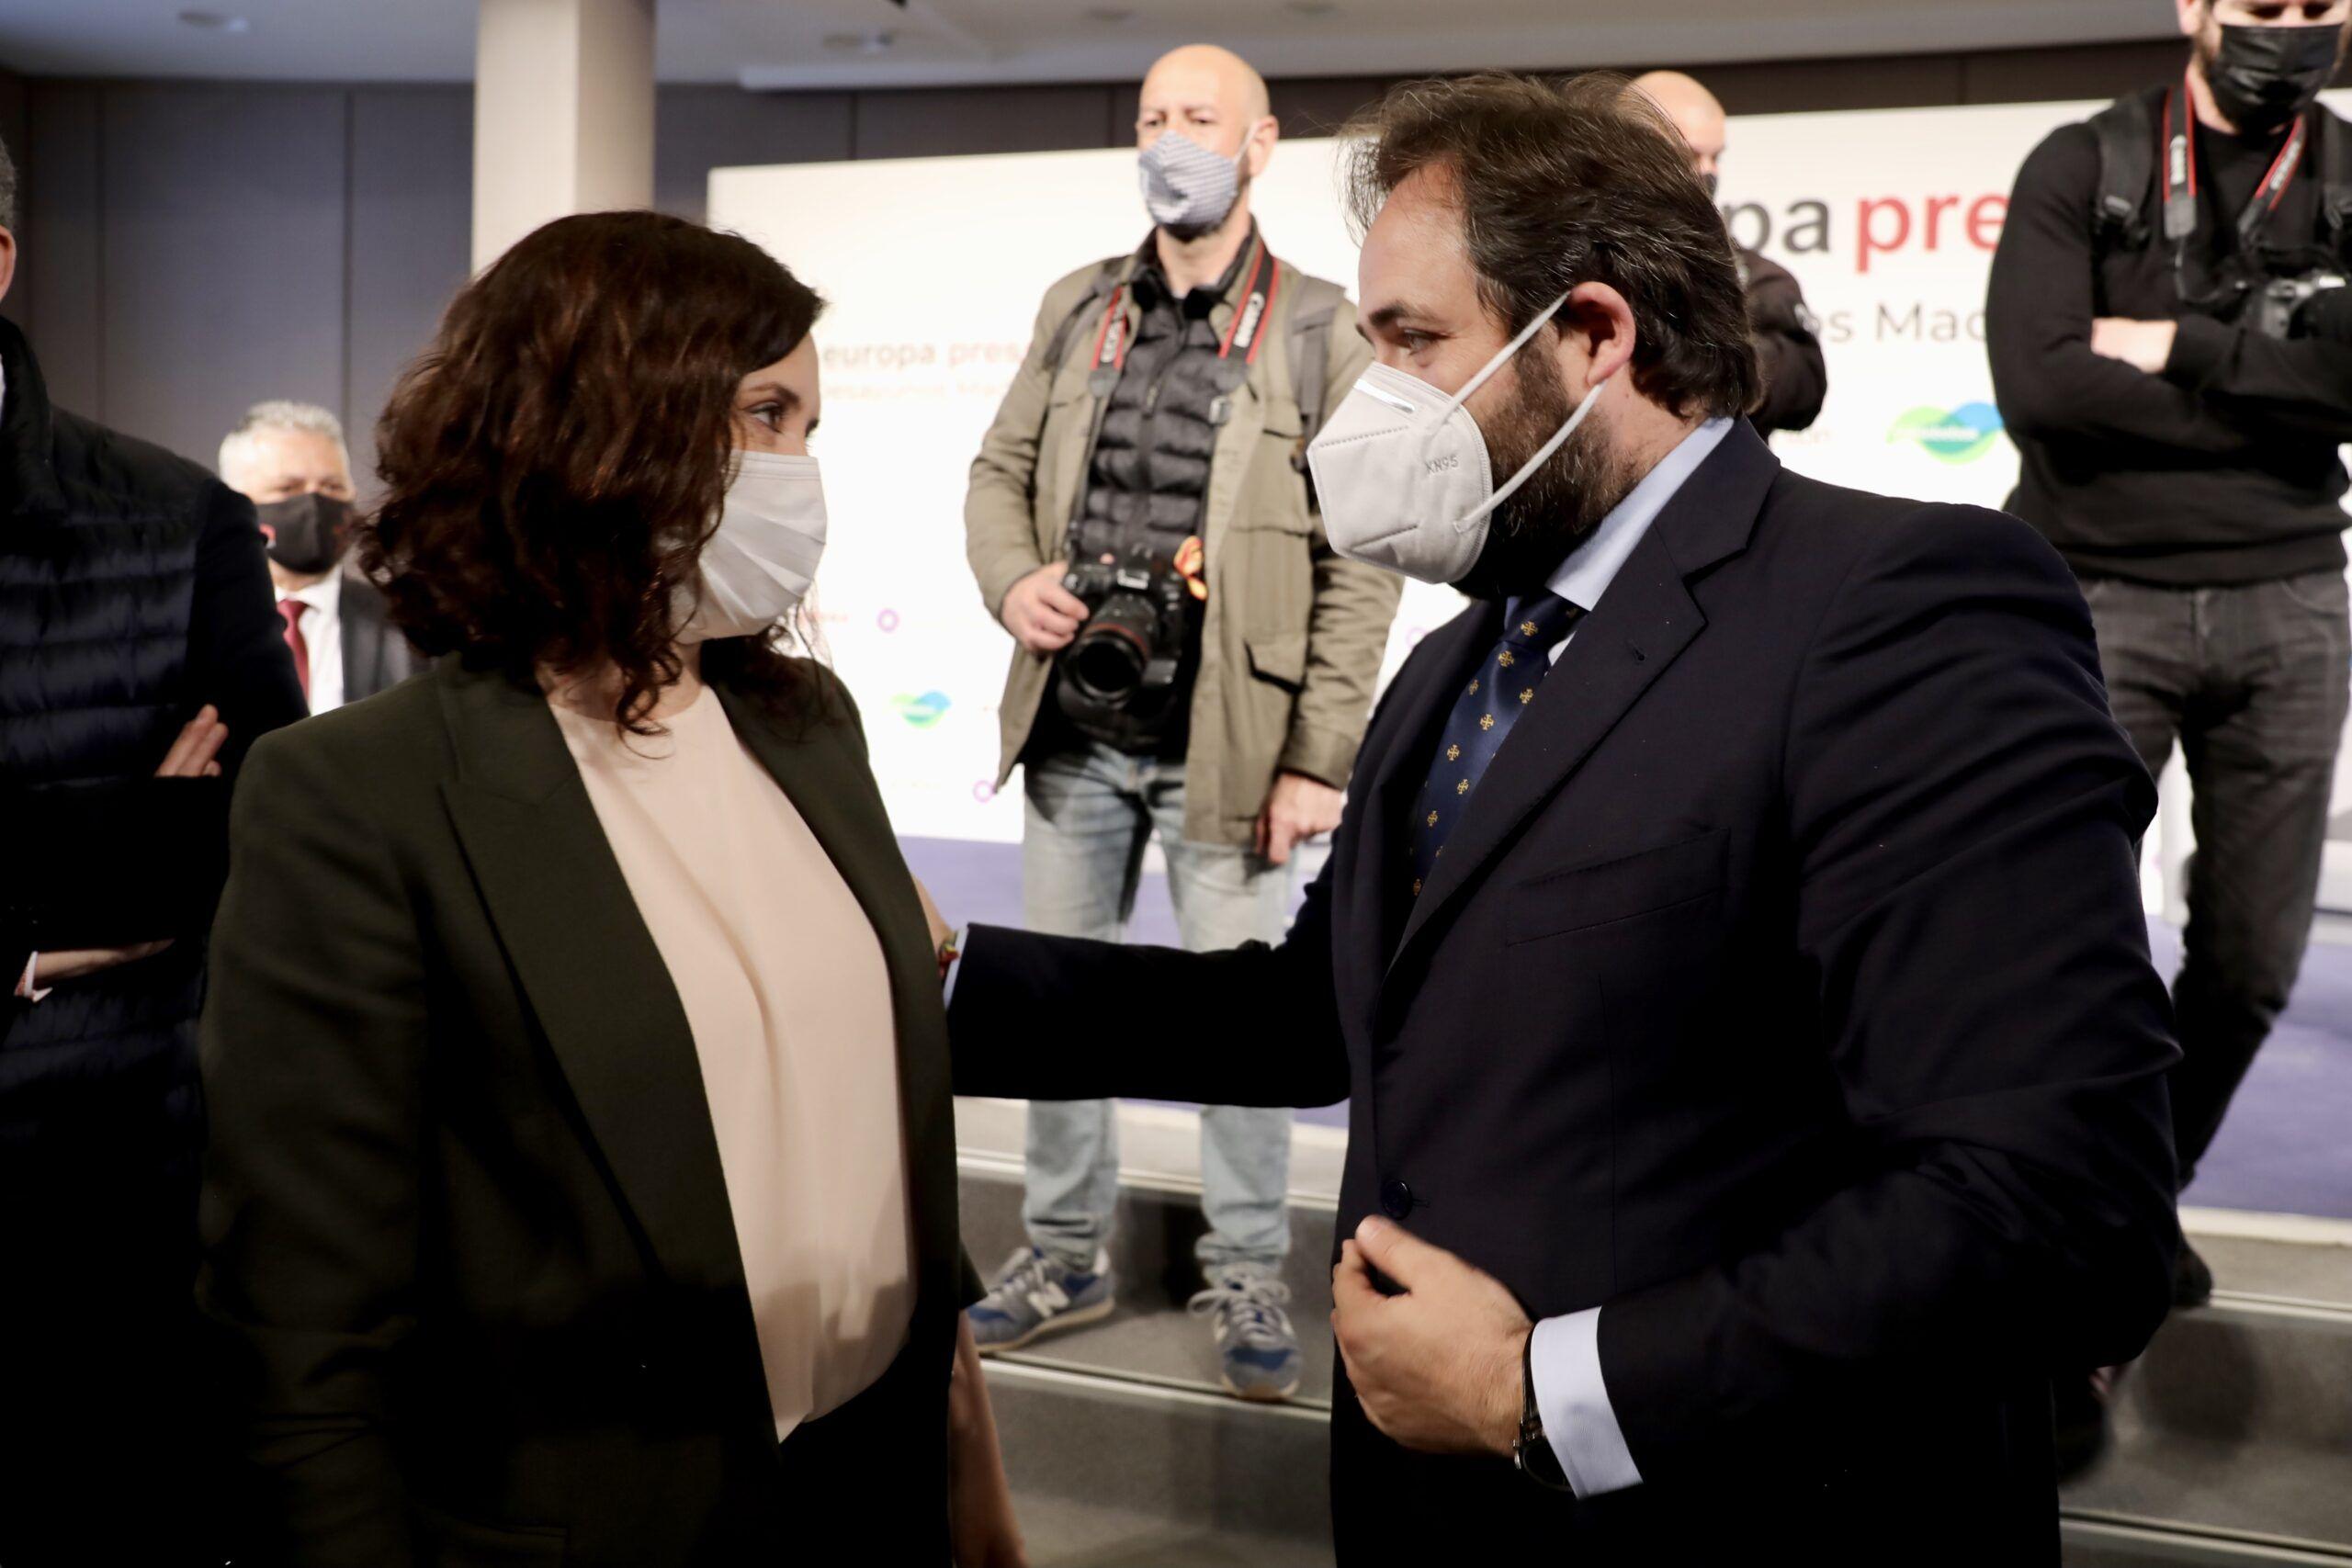 Núñez contrapone el modelo de gestión en libertad y con eficacia de Ayuso en Madrid frente al de la descalificación y la prohibición de Page en Castilla-La Mancha